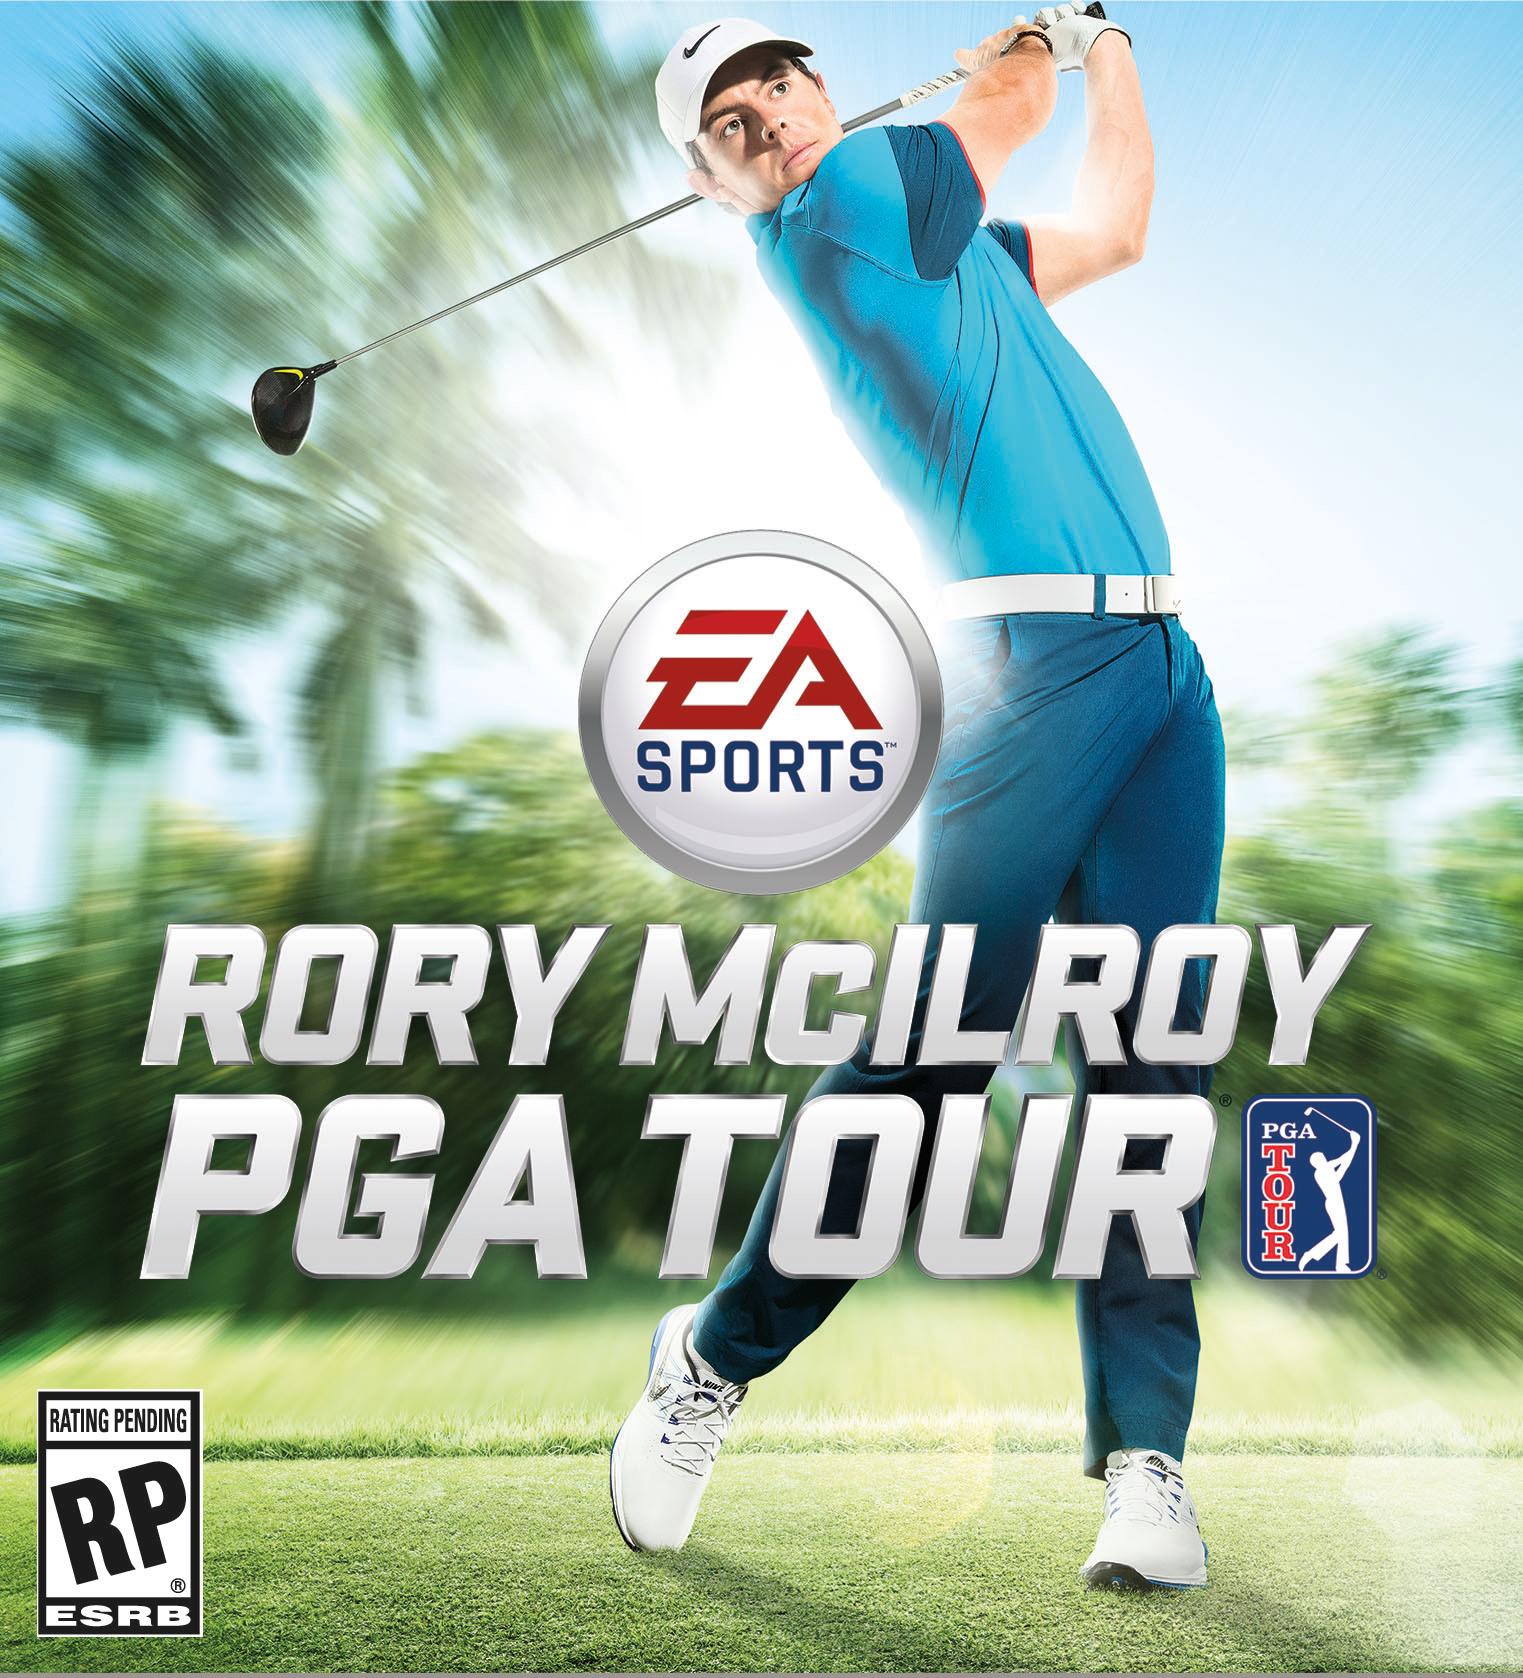 golf u2019s top